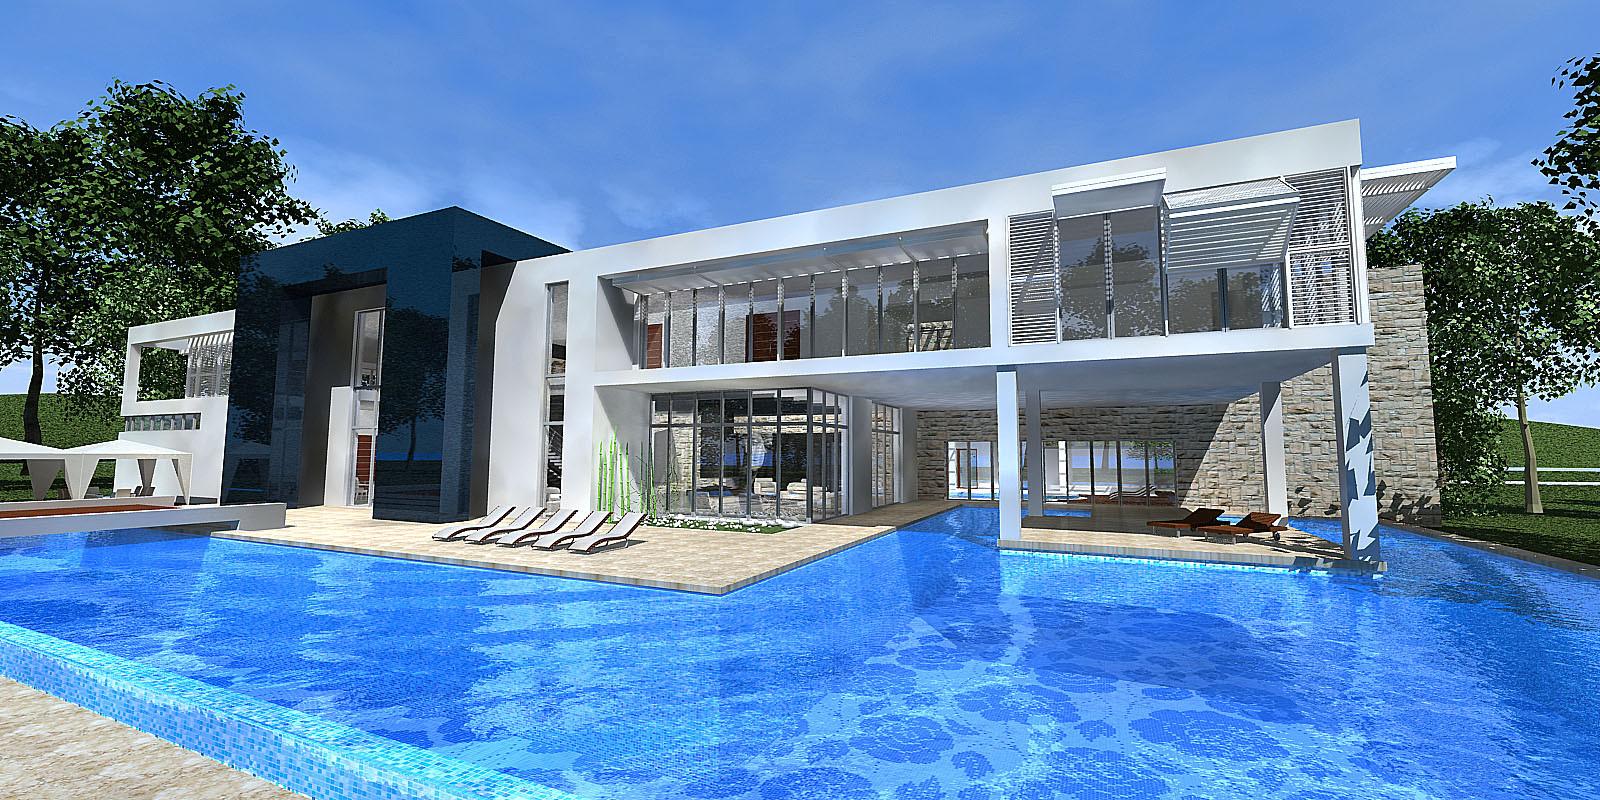 rezidencija0008v2.jpg